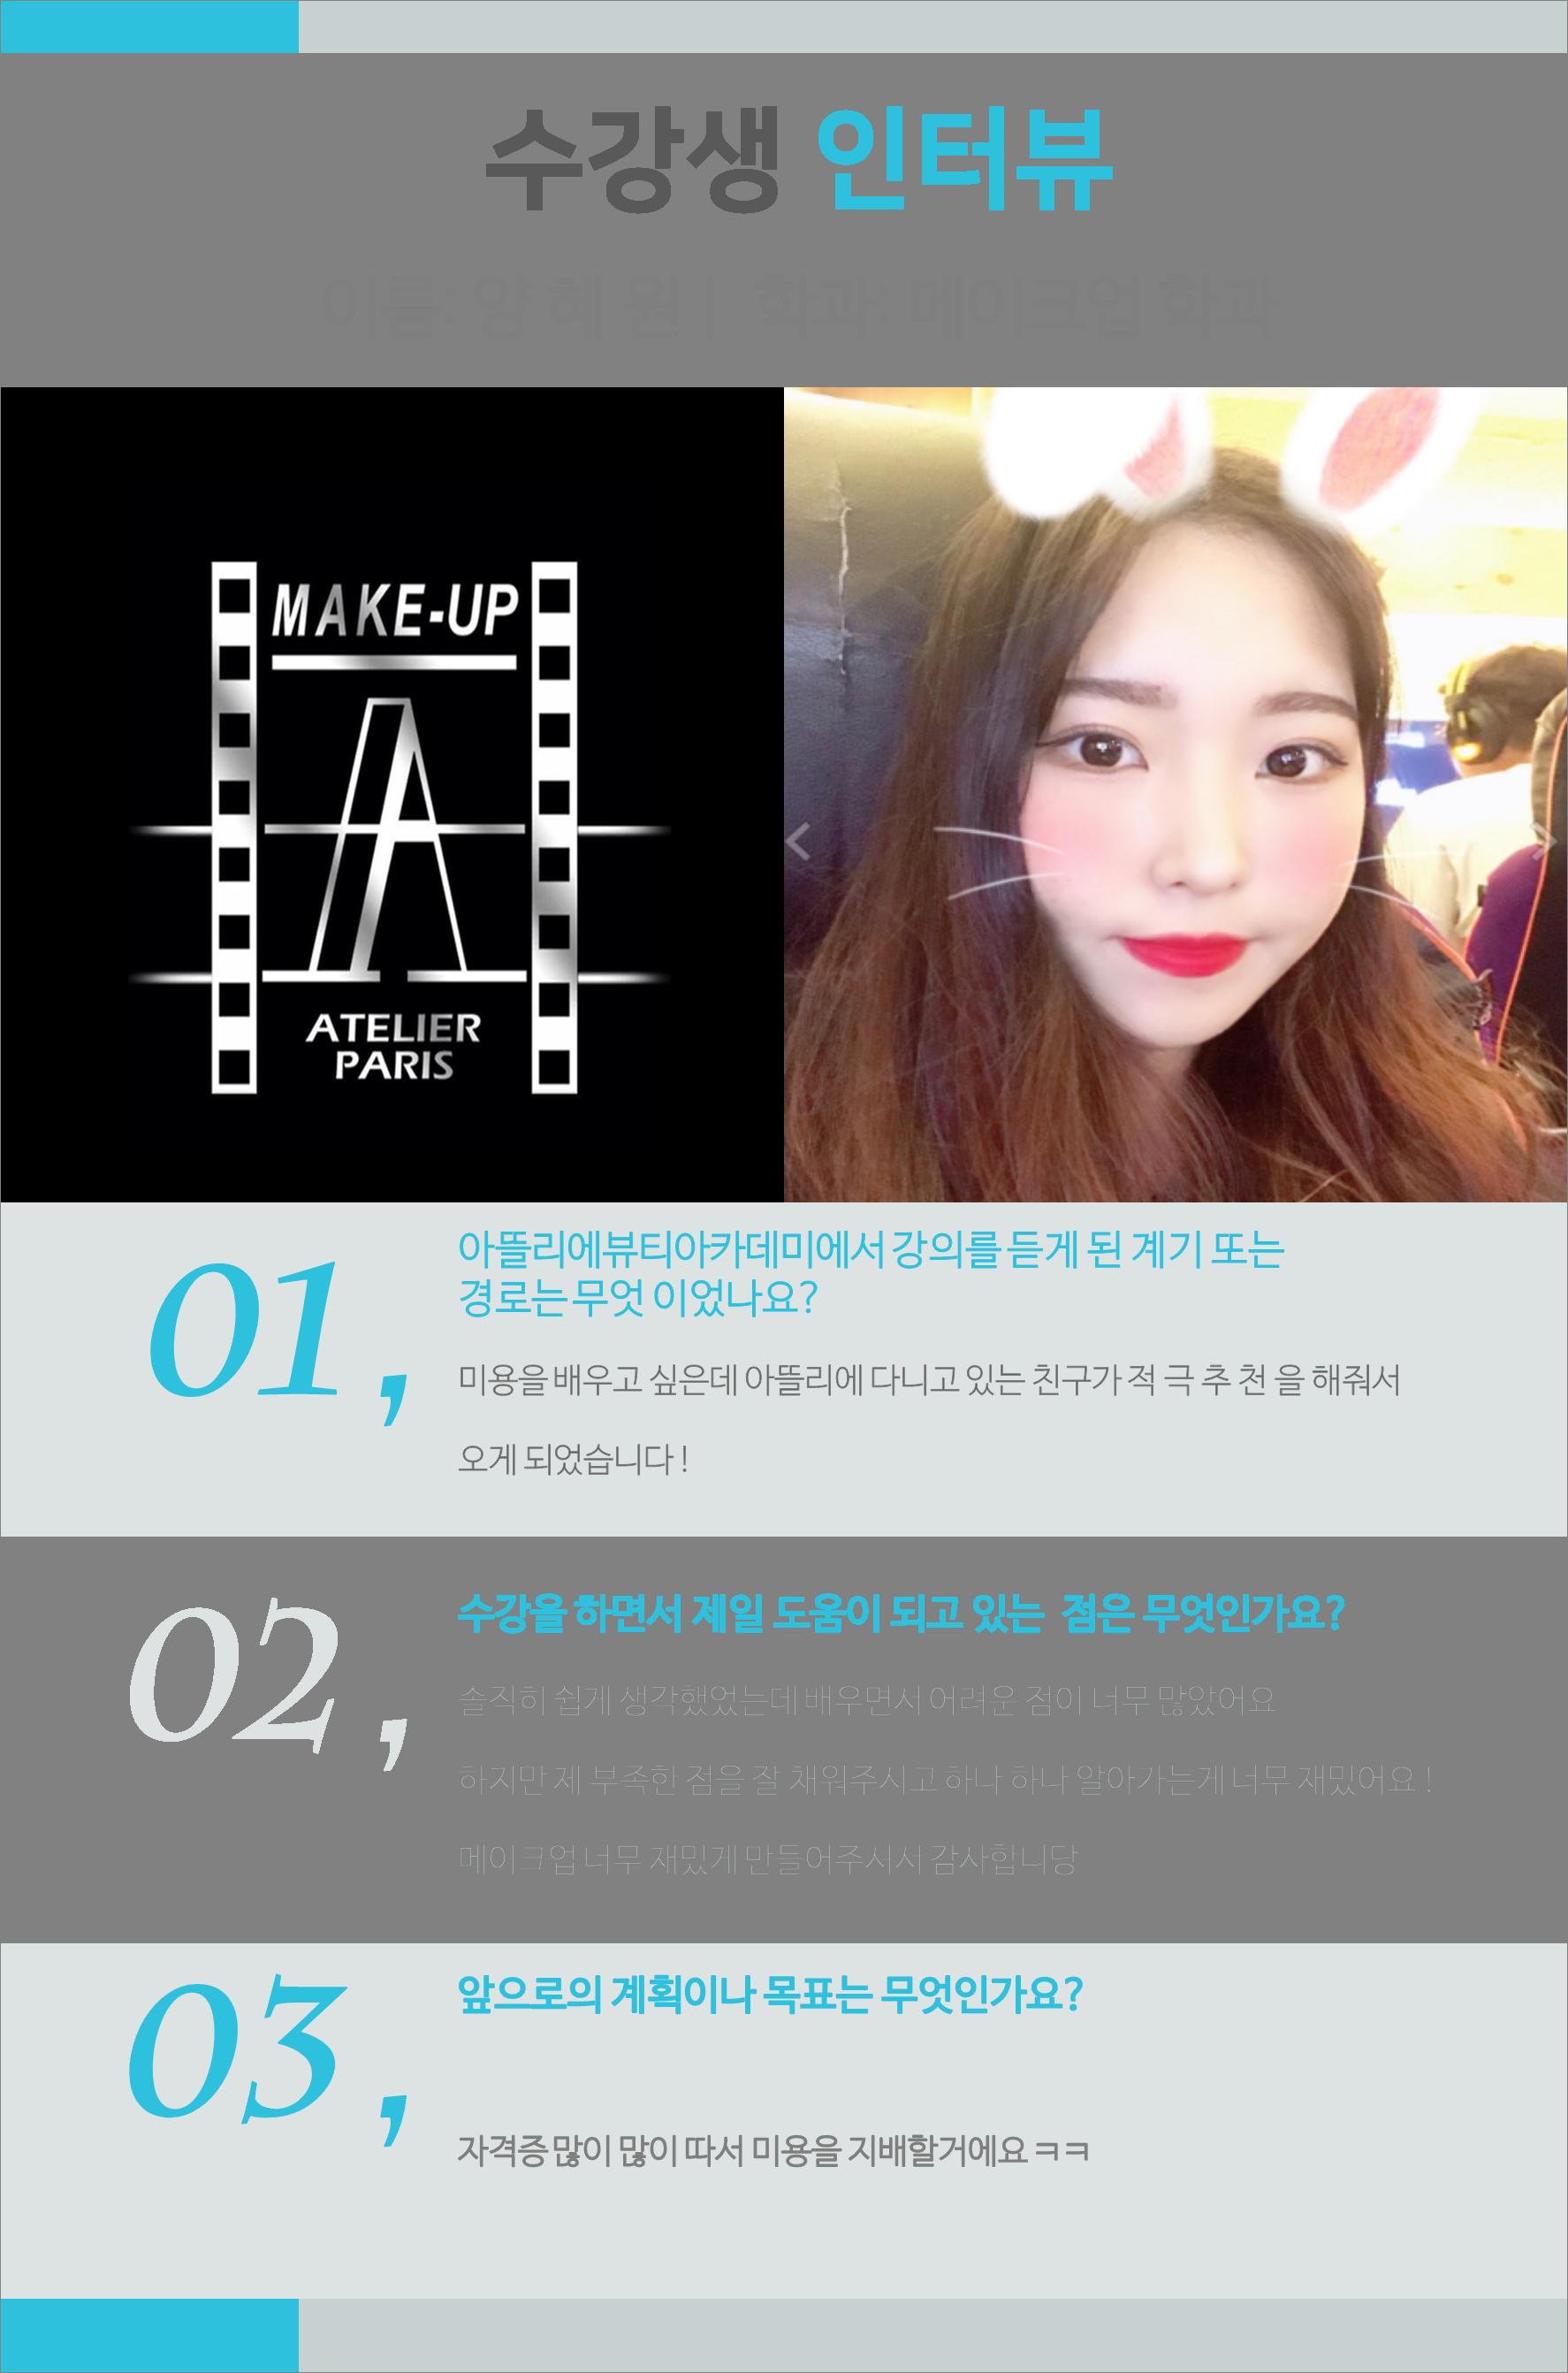 양혜원 수강생 수강 후기